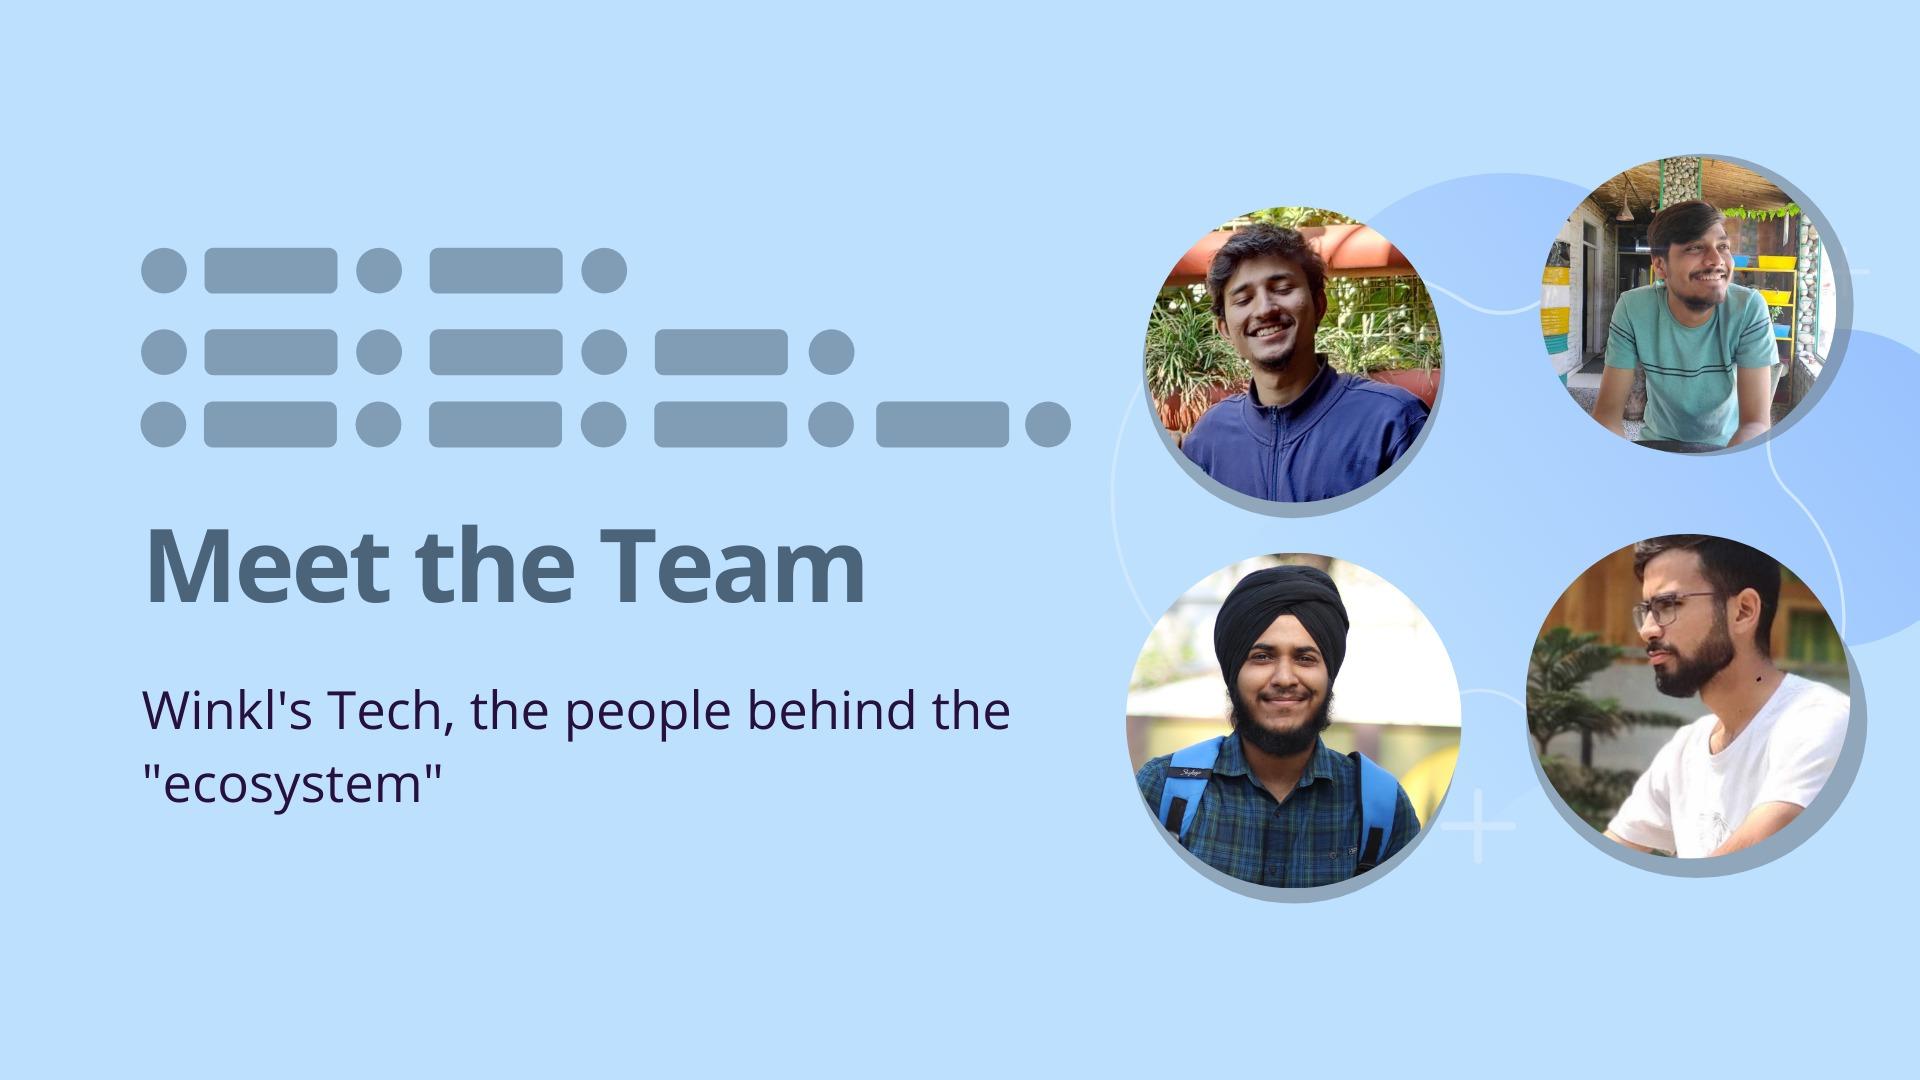 Meet the team - Winkl's Tech - blog by Winkl (An influencer marketing platform)